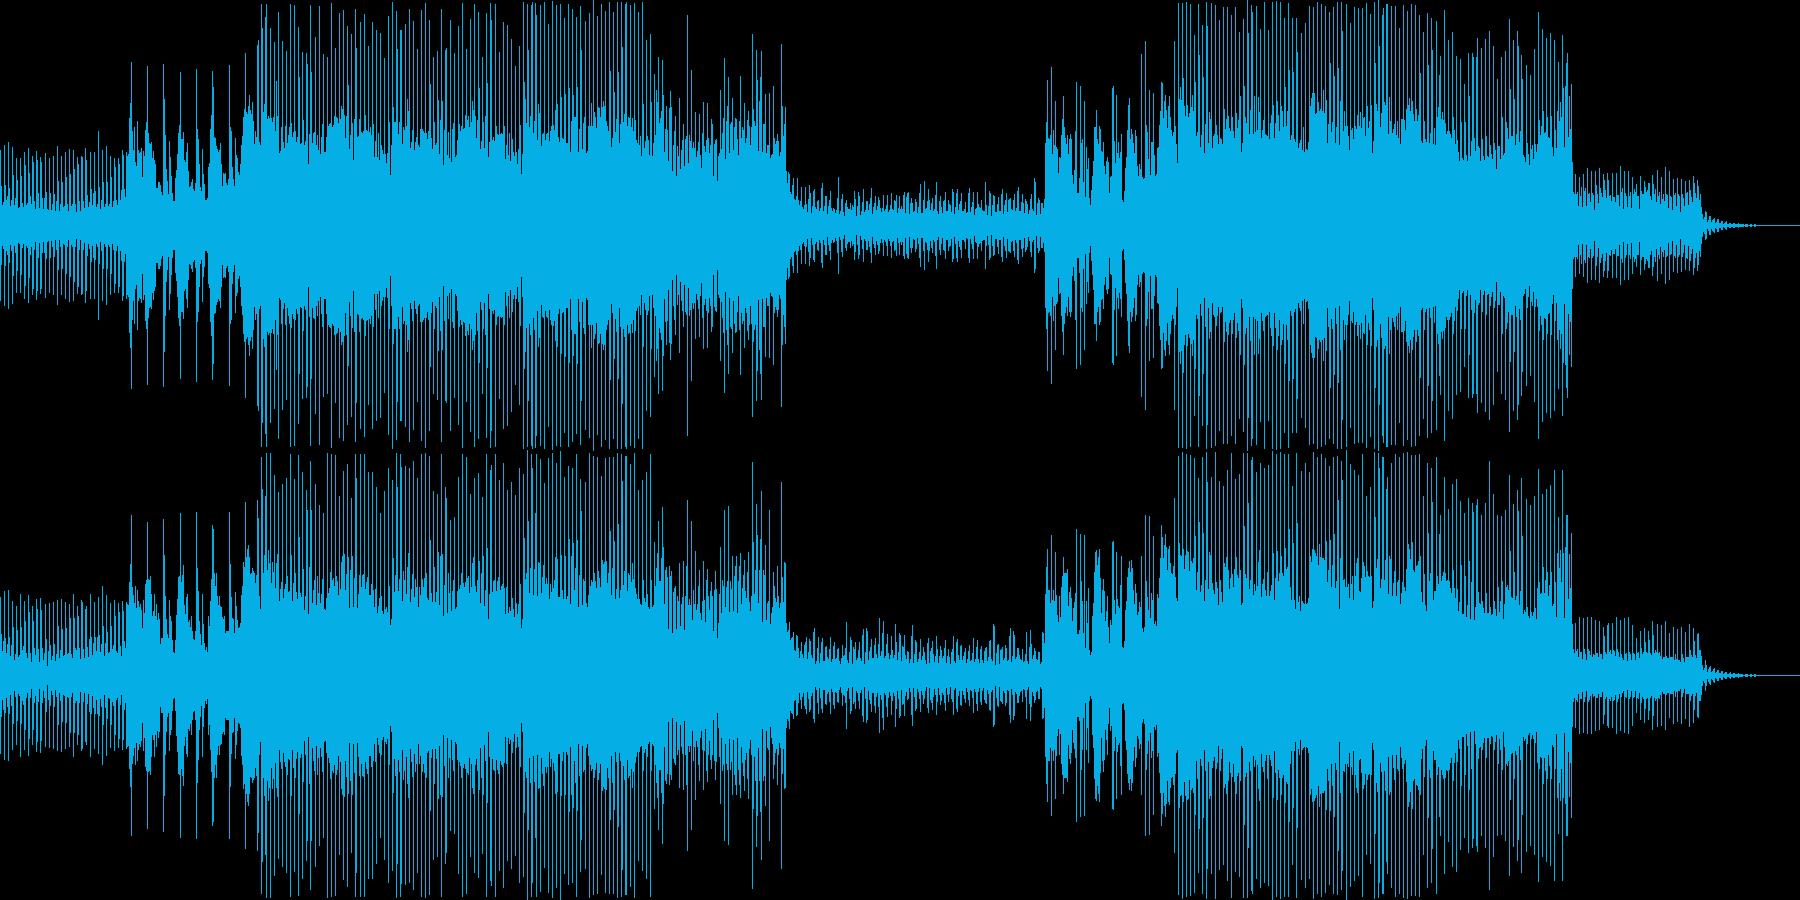 トロピカル EDM サイエンス 実験映画の再生済みの波形